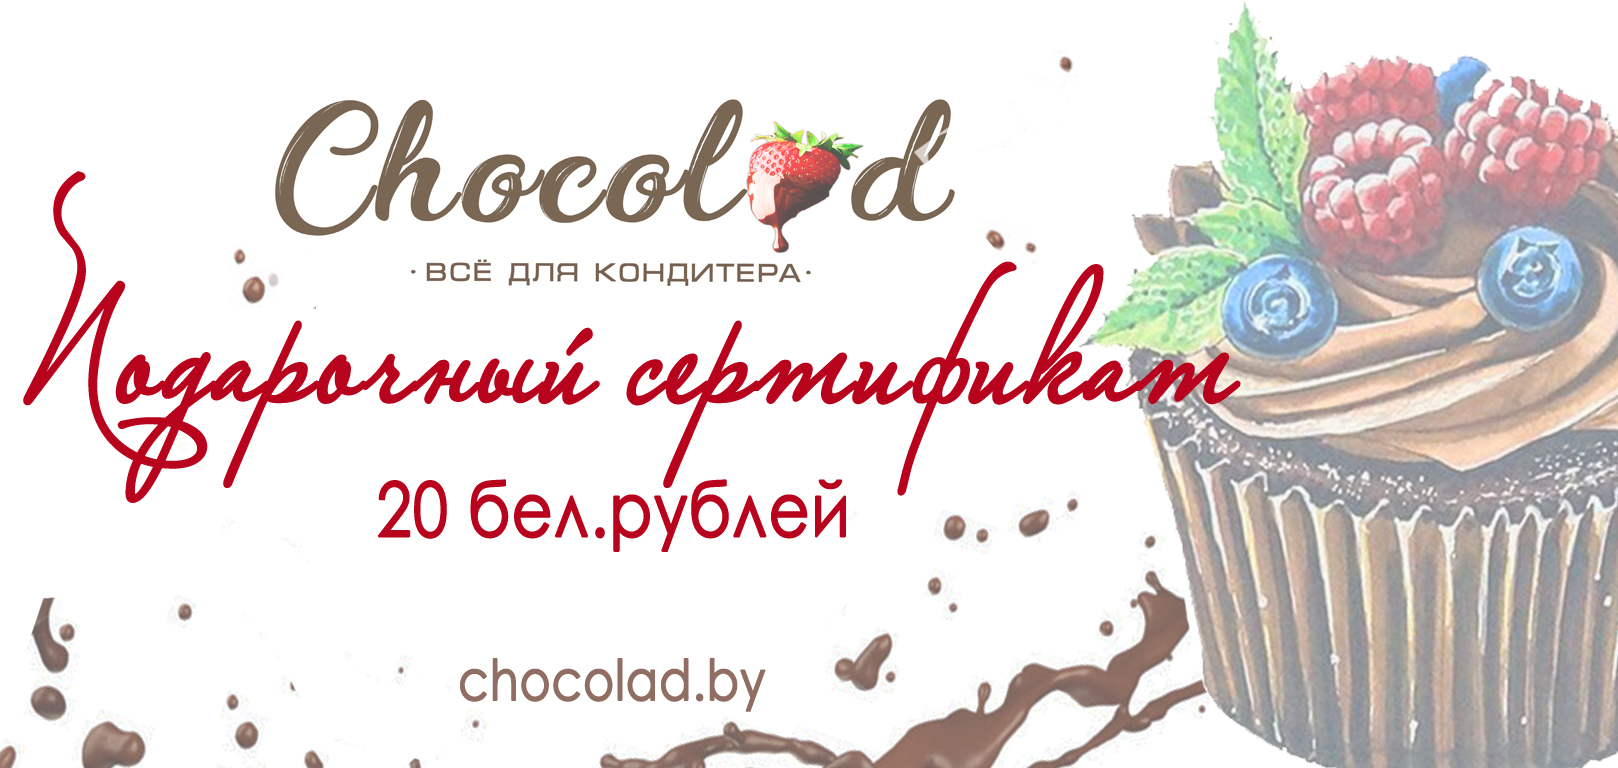 Подарочный сертификат на 20 рублей